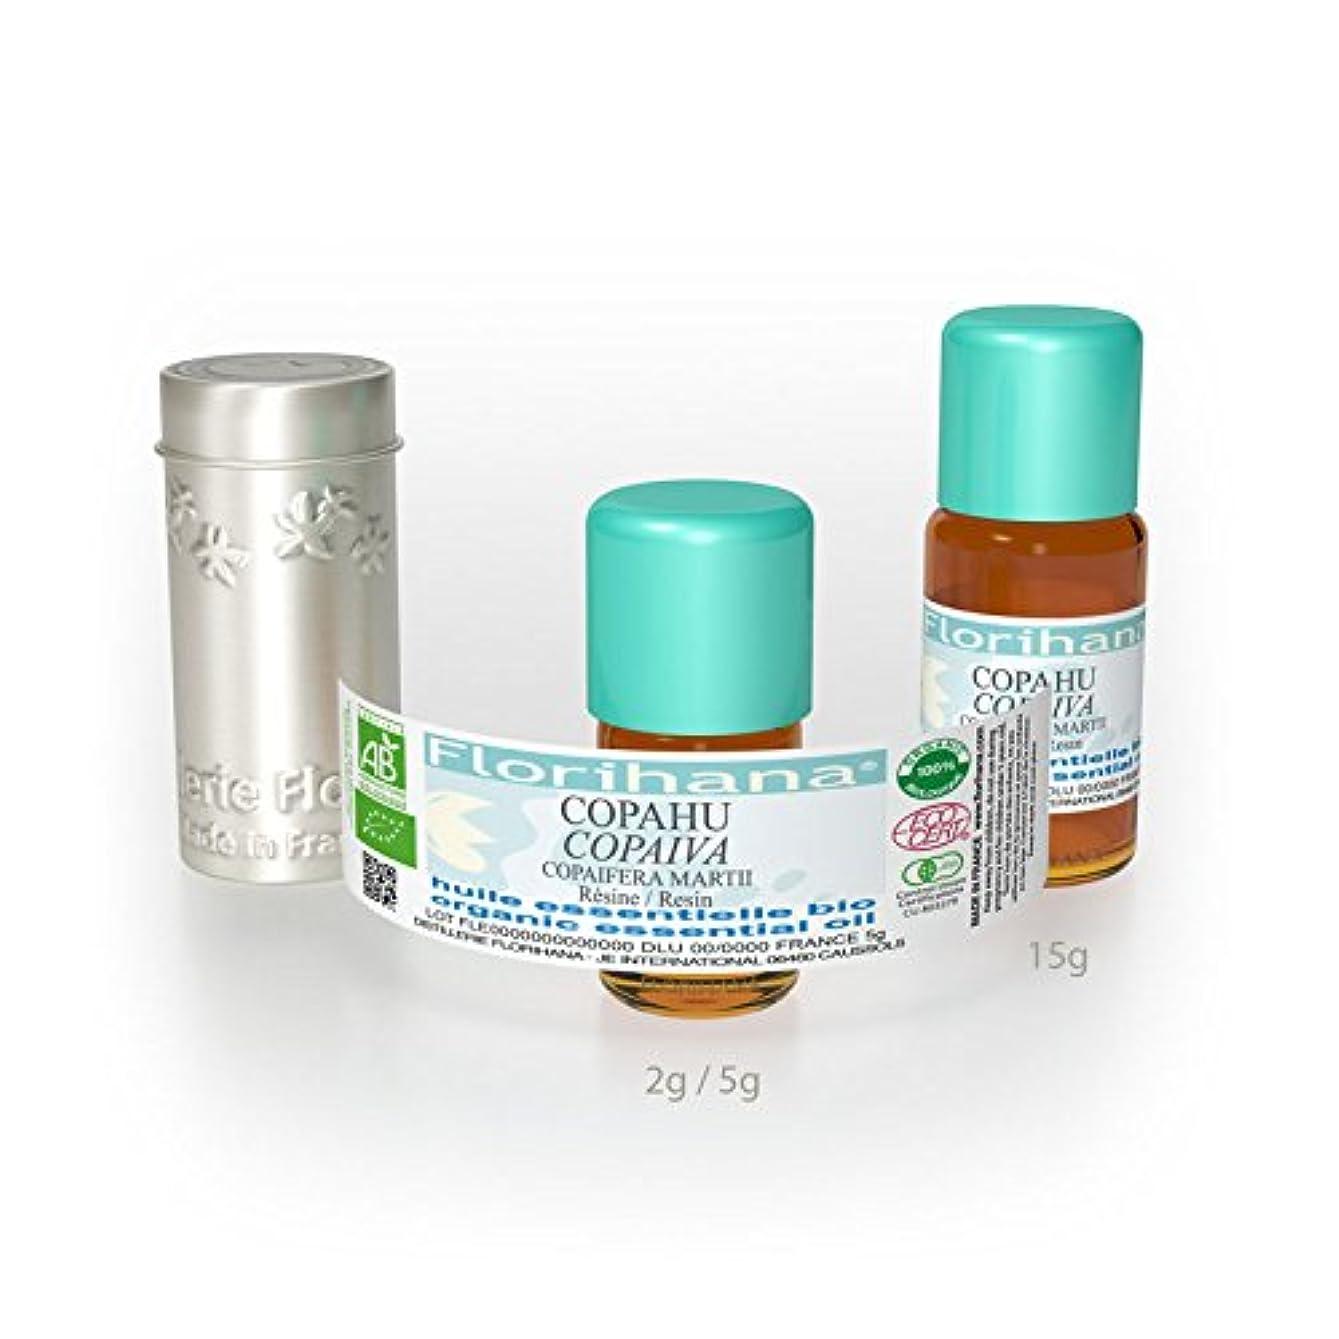 核過敏なピンチオーガニック エッセンシャルオイル コパイバ (5g(5.6ml))